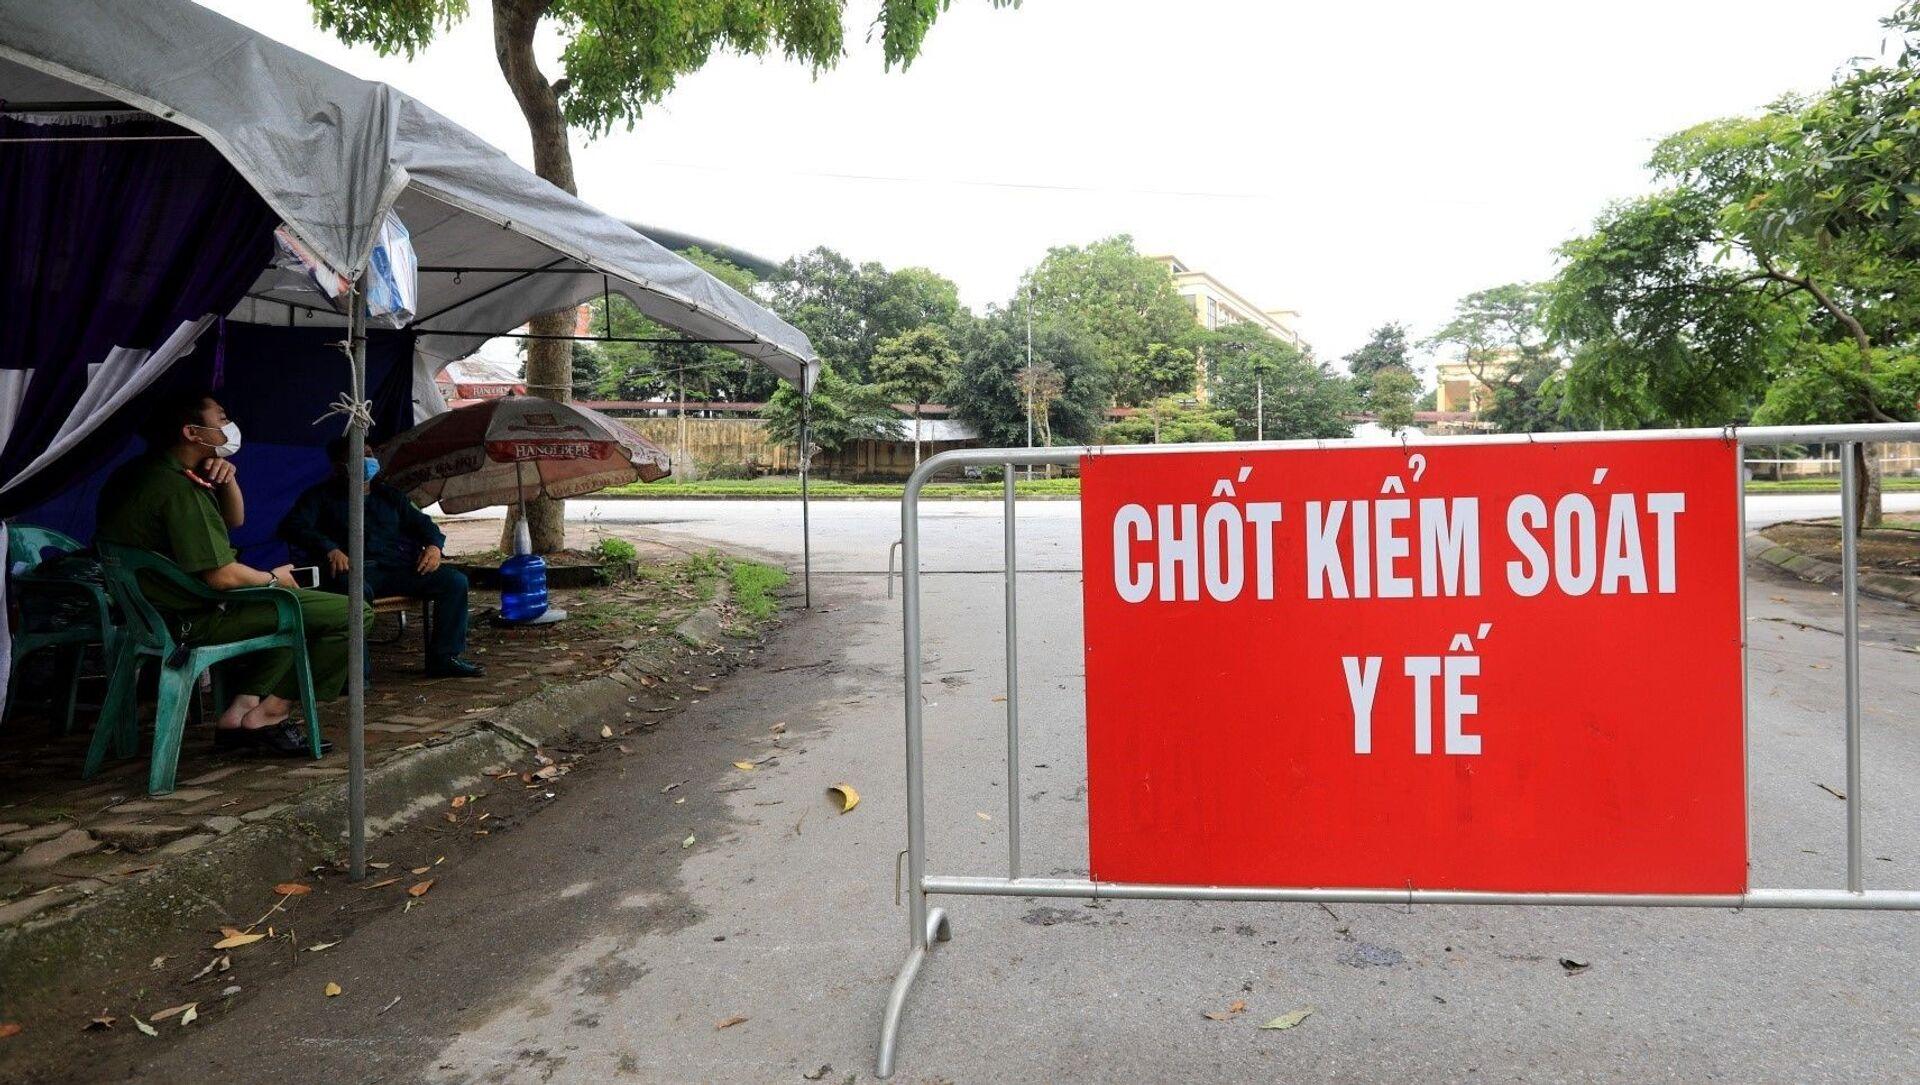 Lực lượng công an, dân quân tự vệ lập chốt chặn xung quanh khu vực Bệnh viện đảm bảo công tác phòng chống dịch. - Sputnik Việt Nam, 1920, 08.05.2021